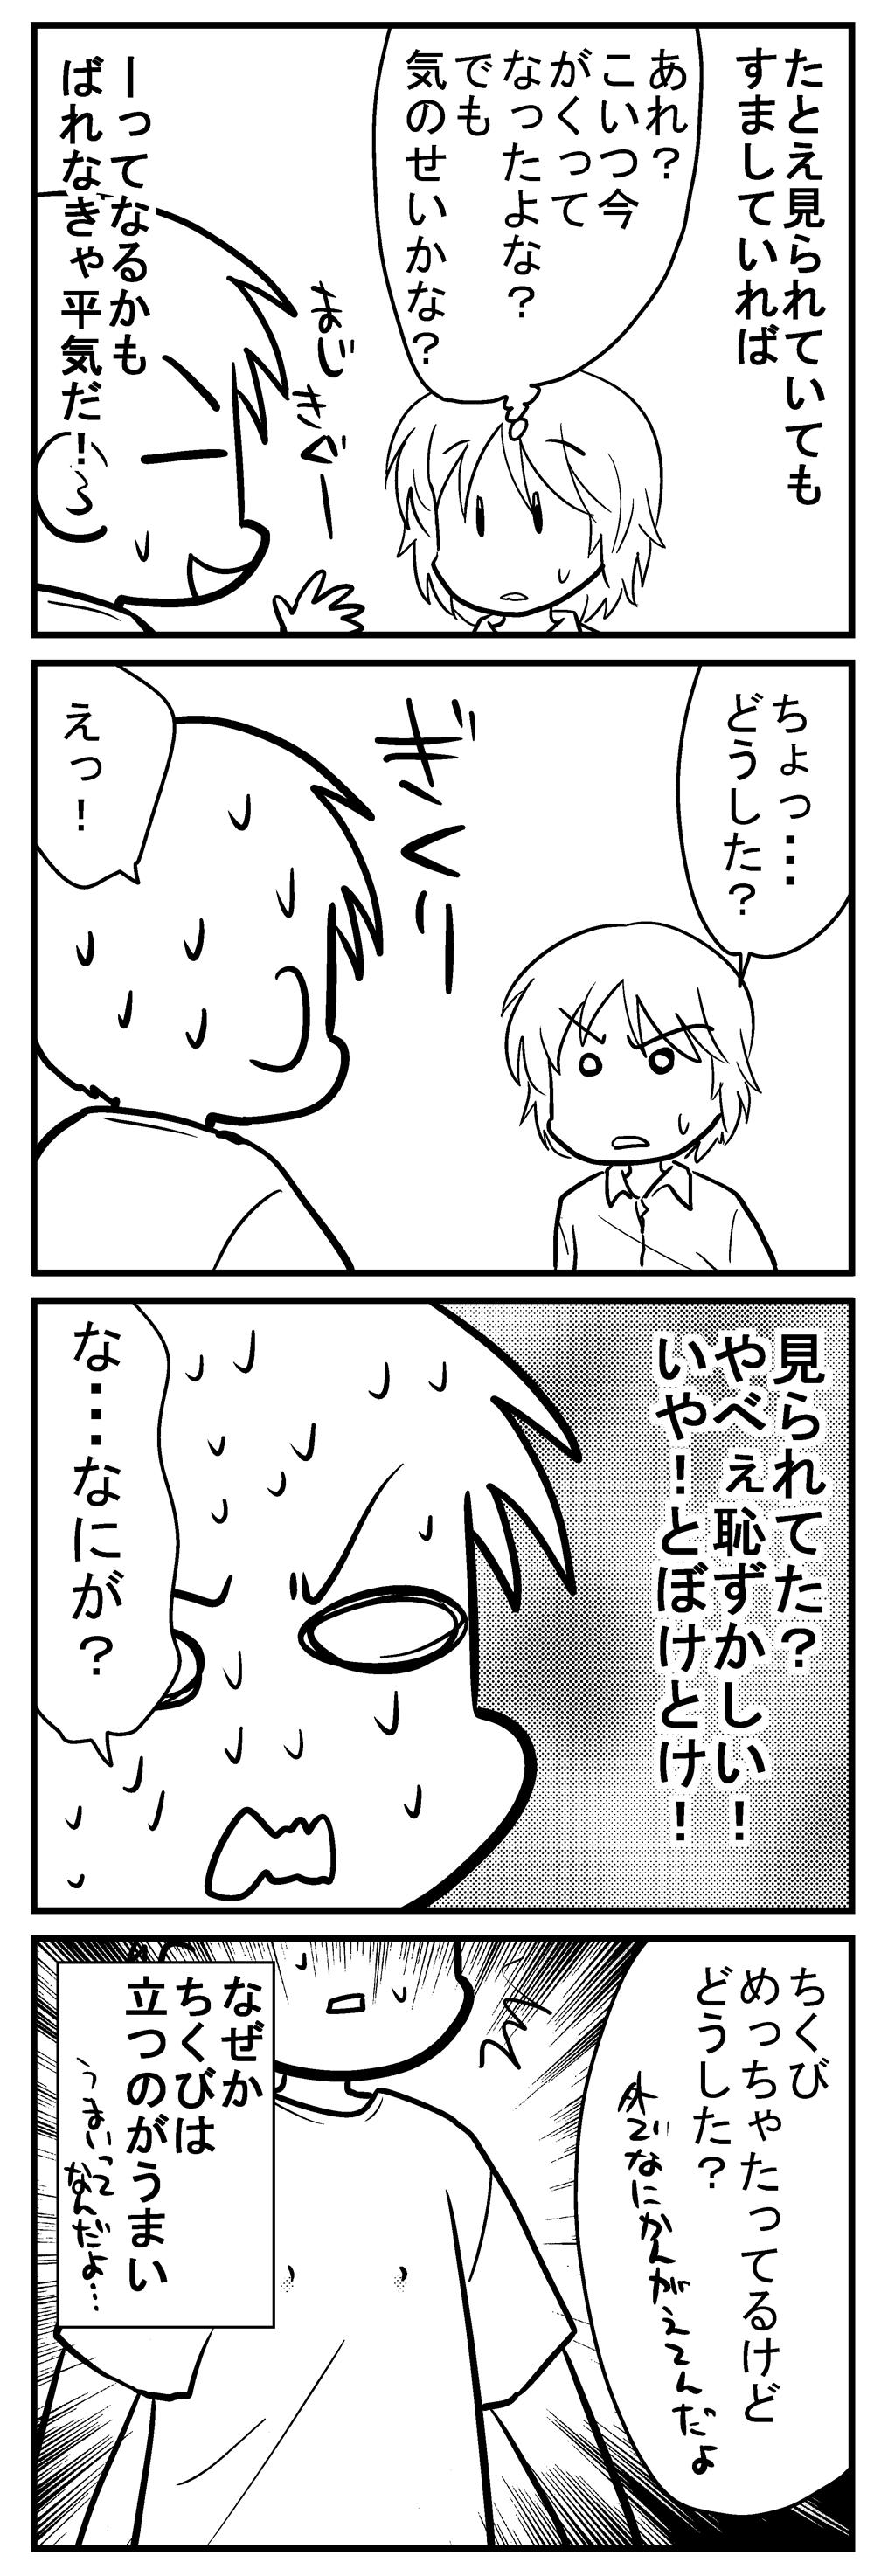 深読みくん62-4